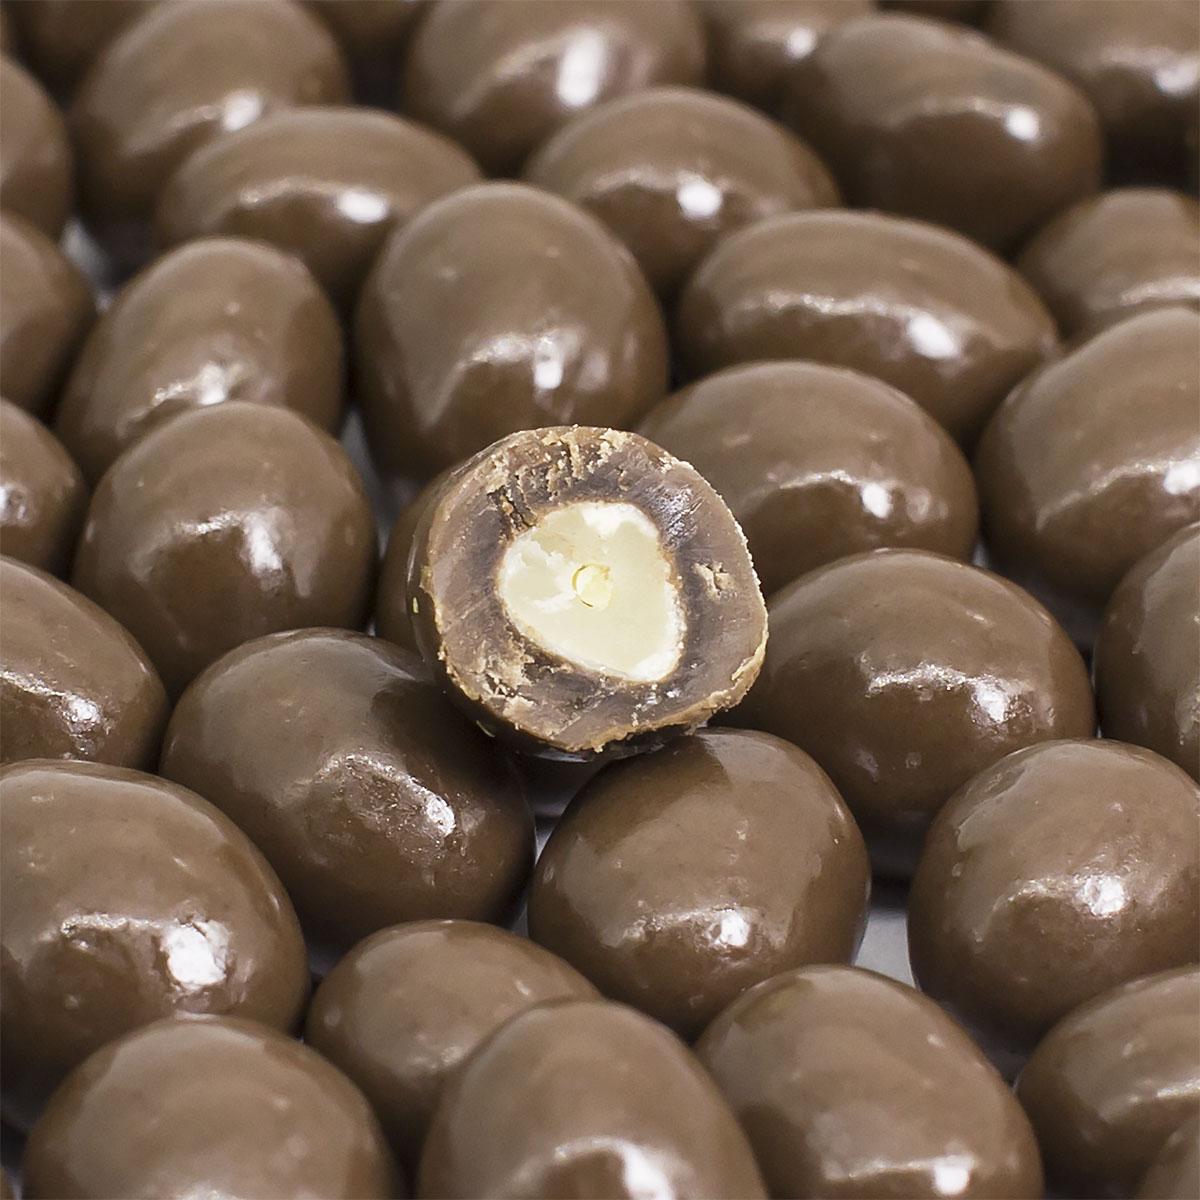 купить Кедровые орехи в молочной шоколадной глазури, 150 г онлайн